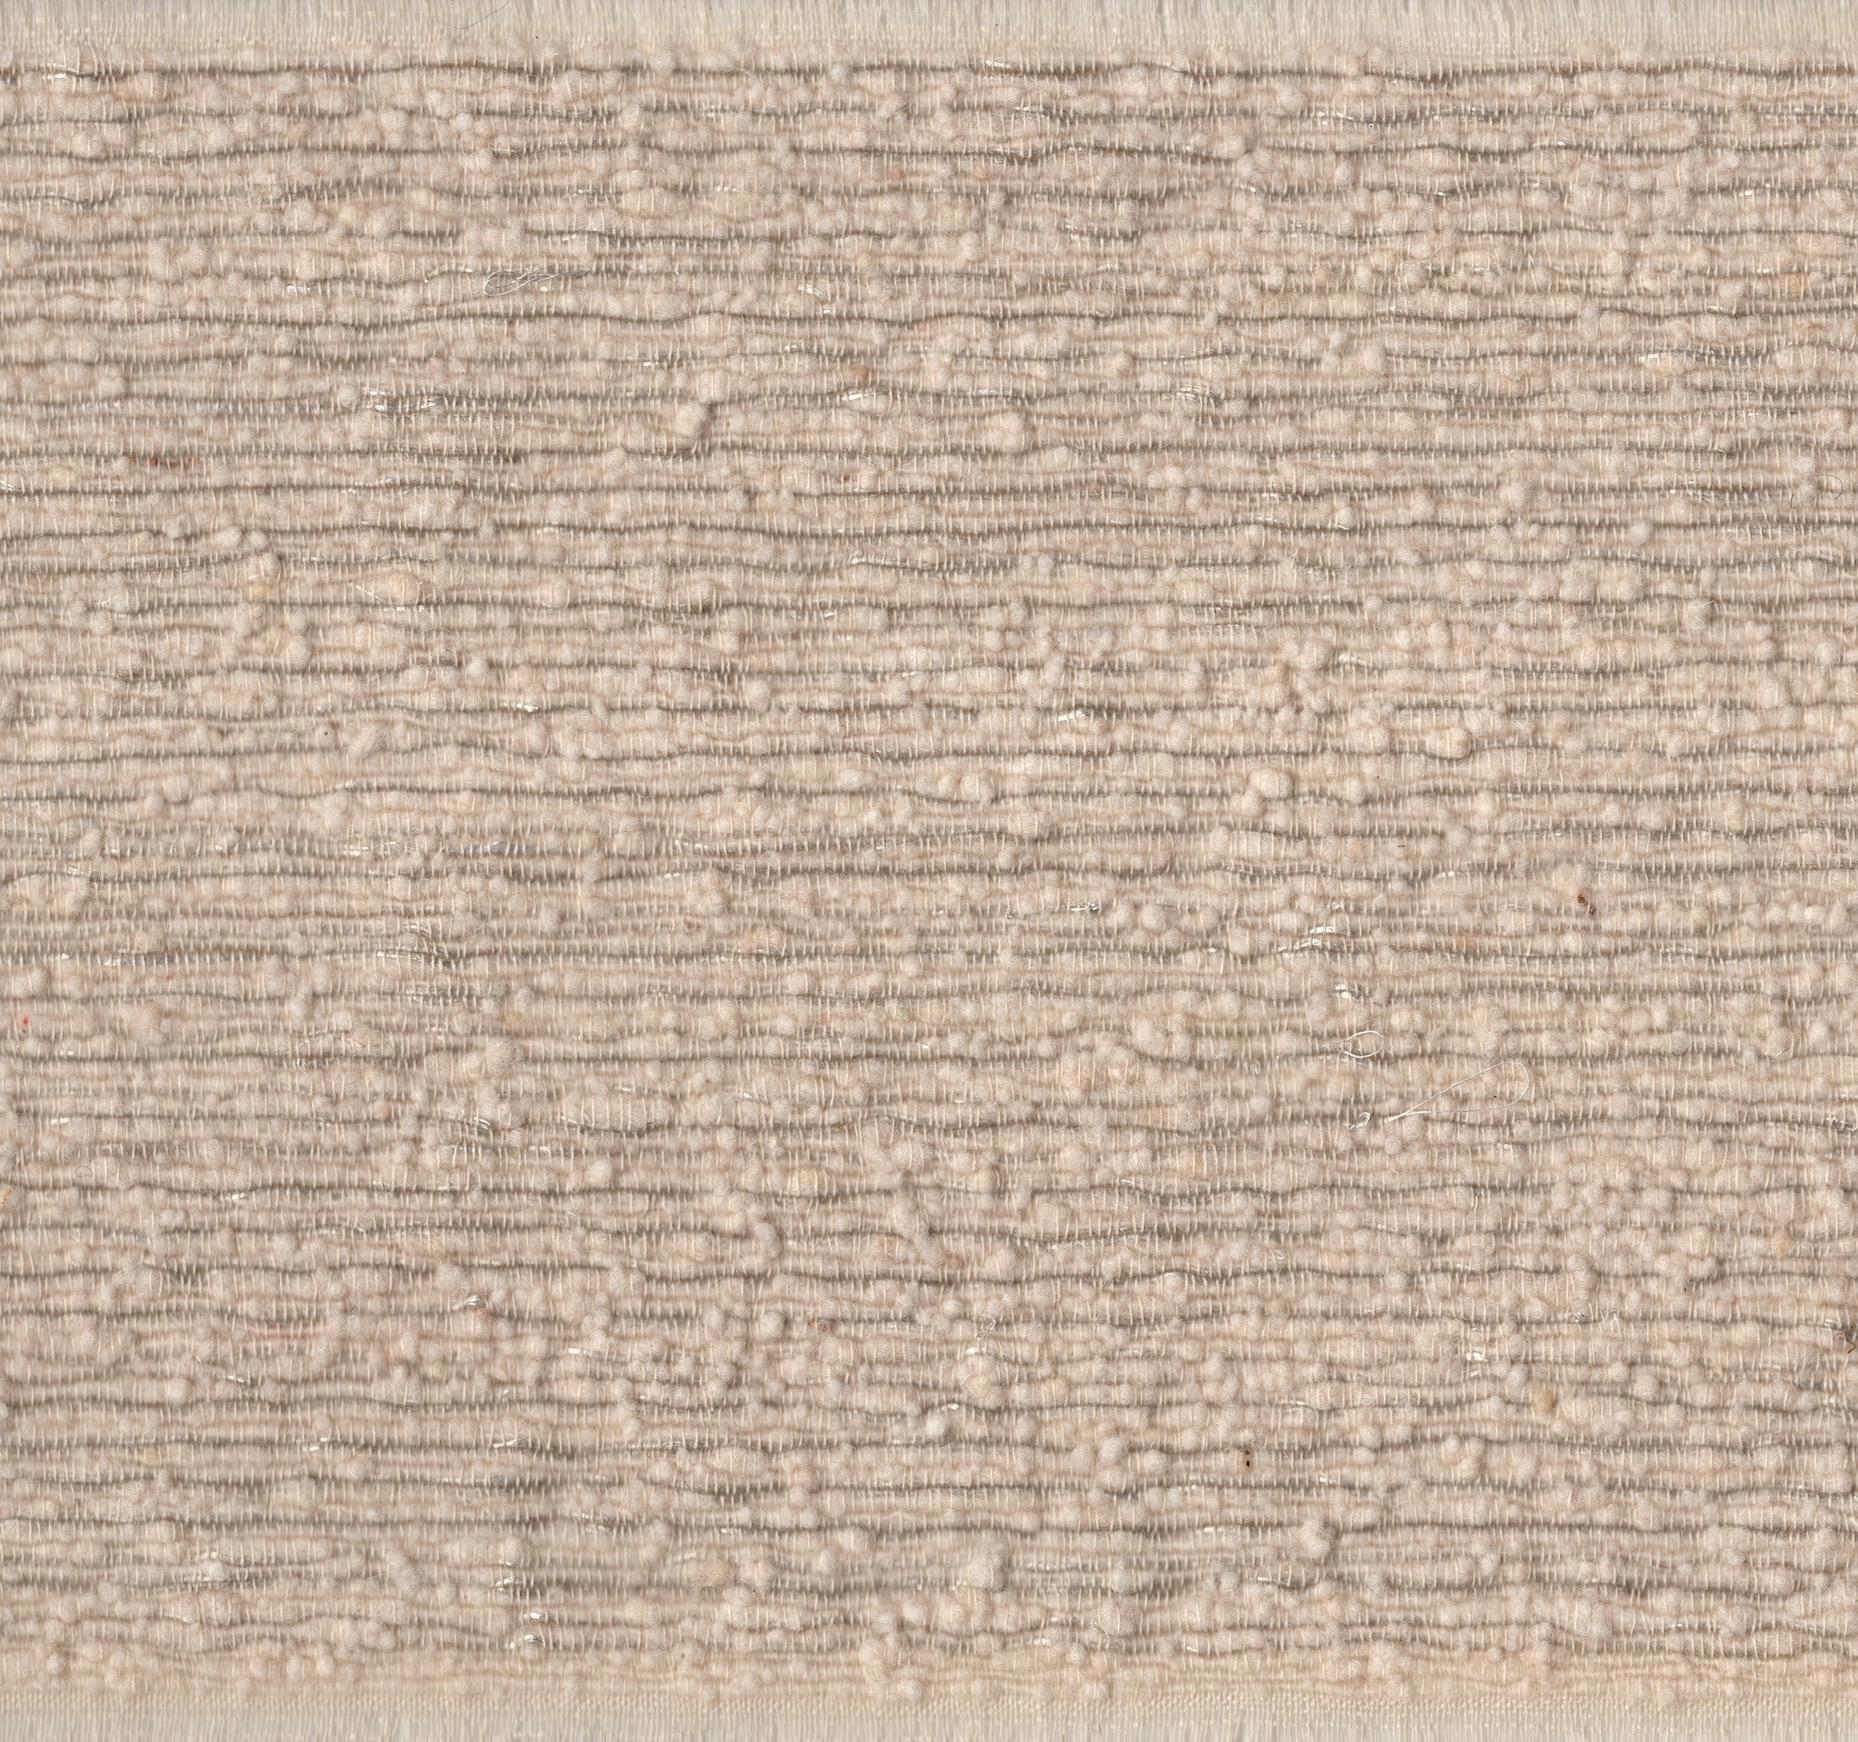 Couscous w/ Lurex #37-b (beige)